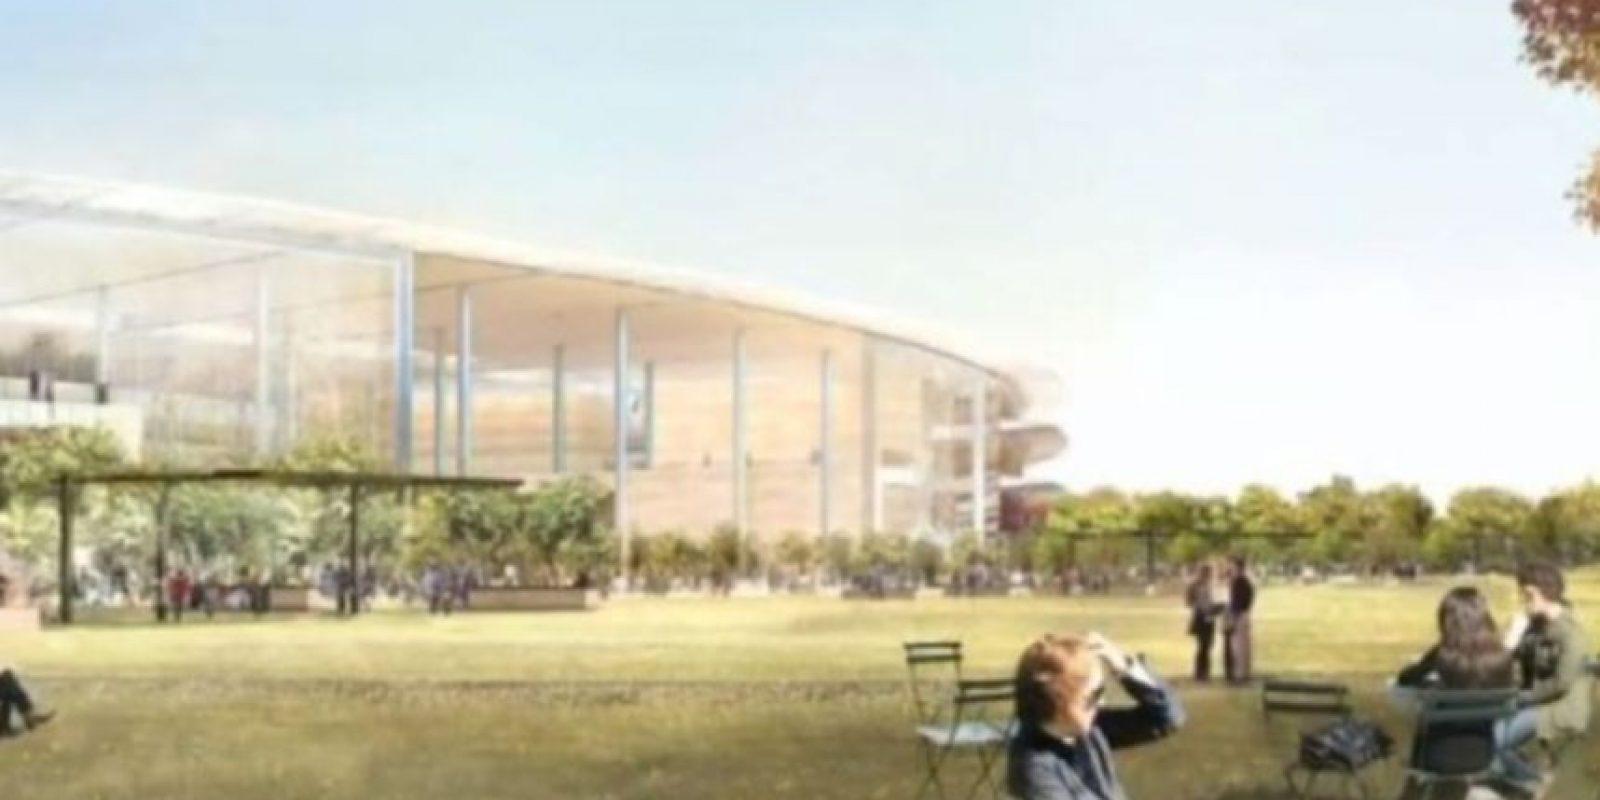 El complejo cuenta con una gran cantidad de áreas verdes. Foto:Apple